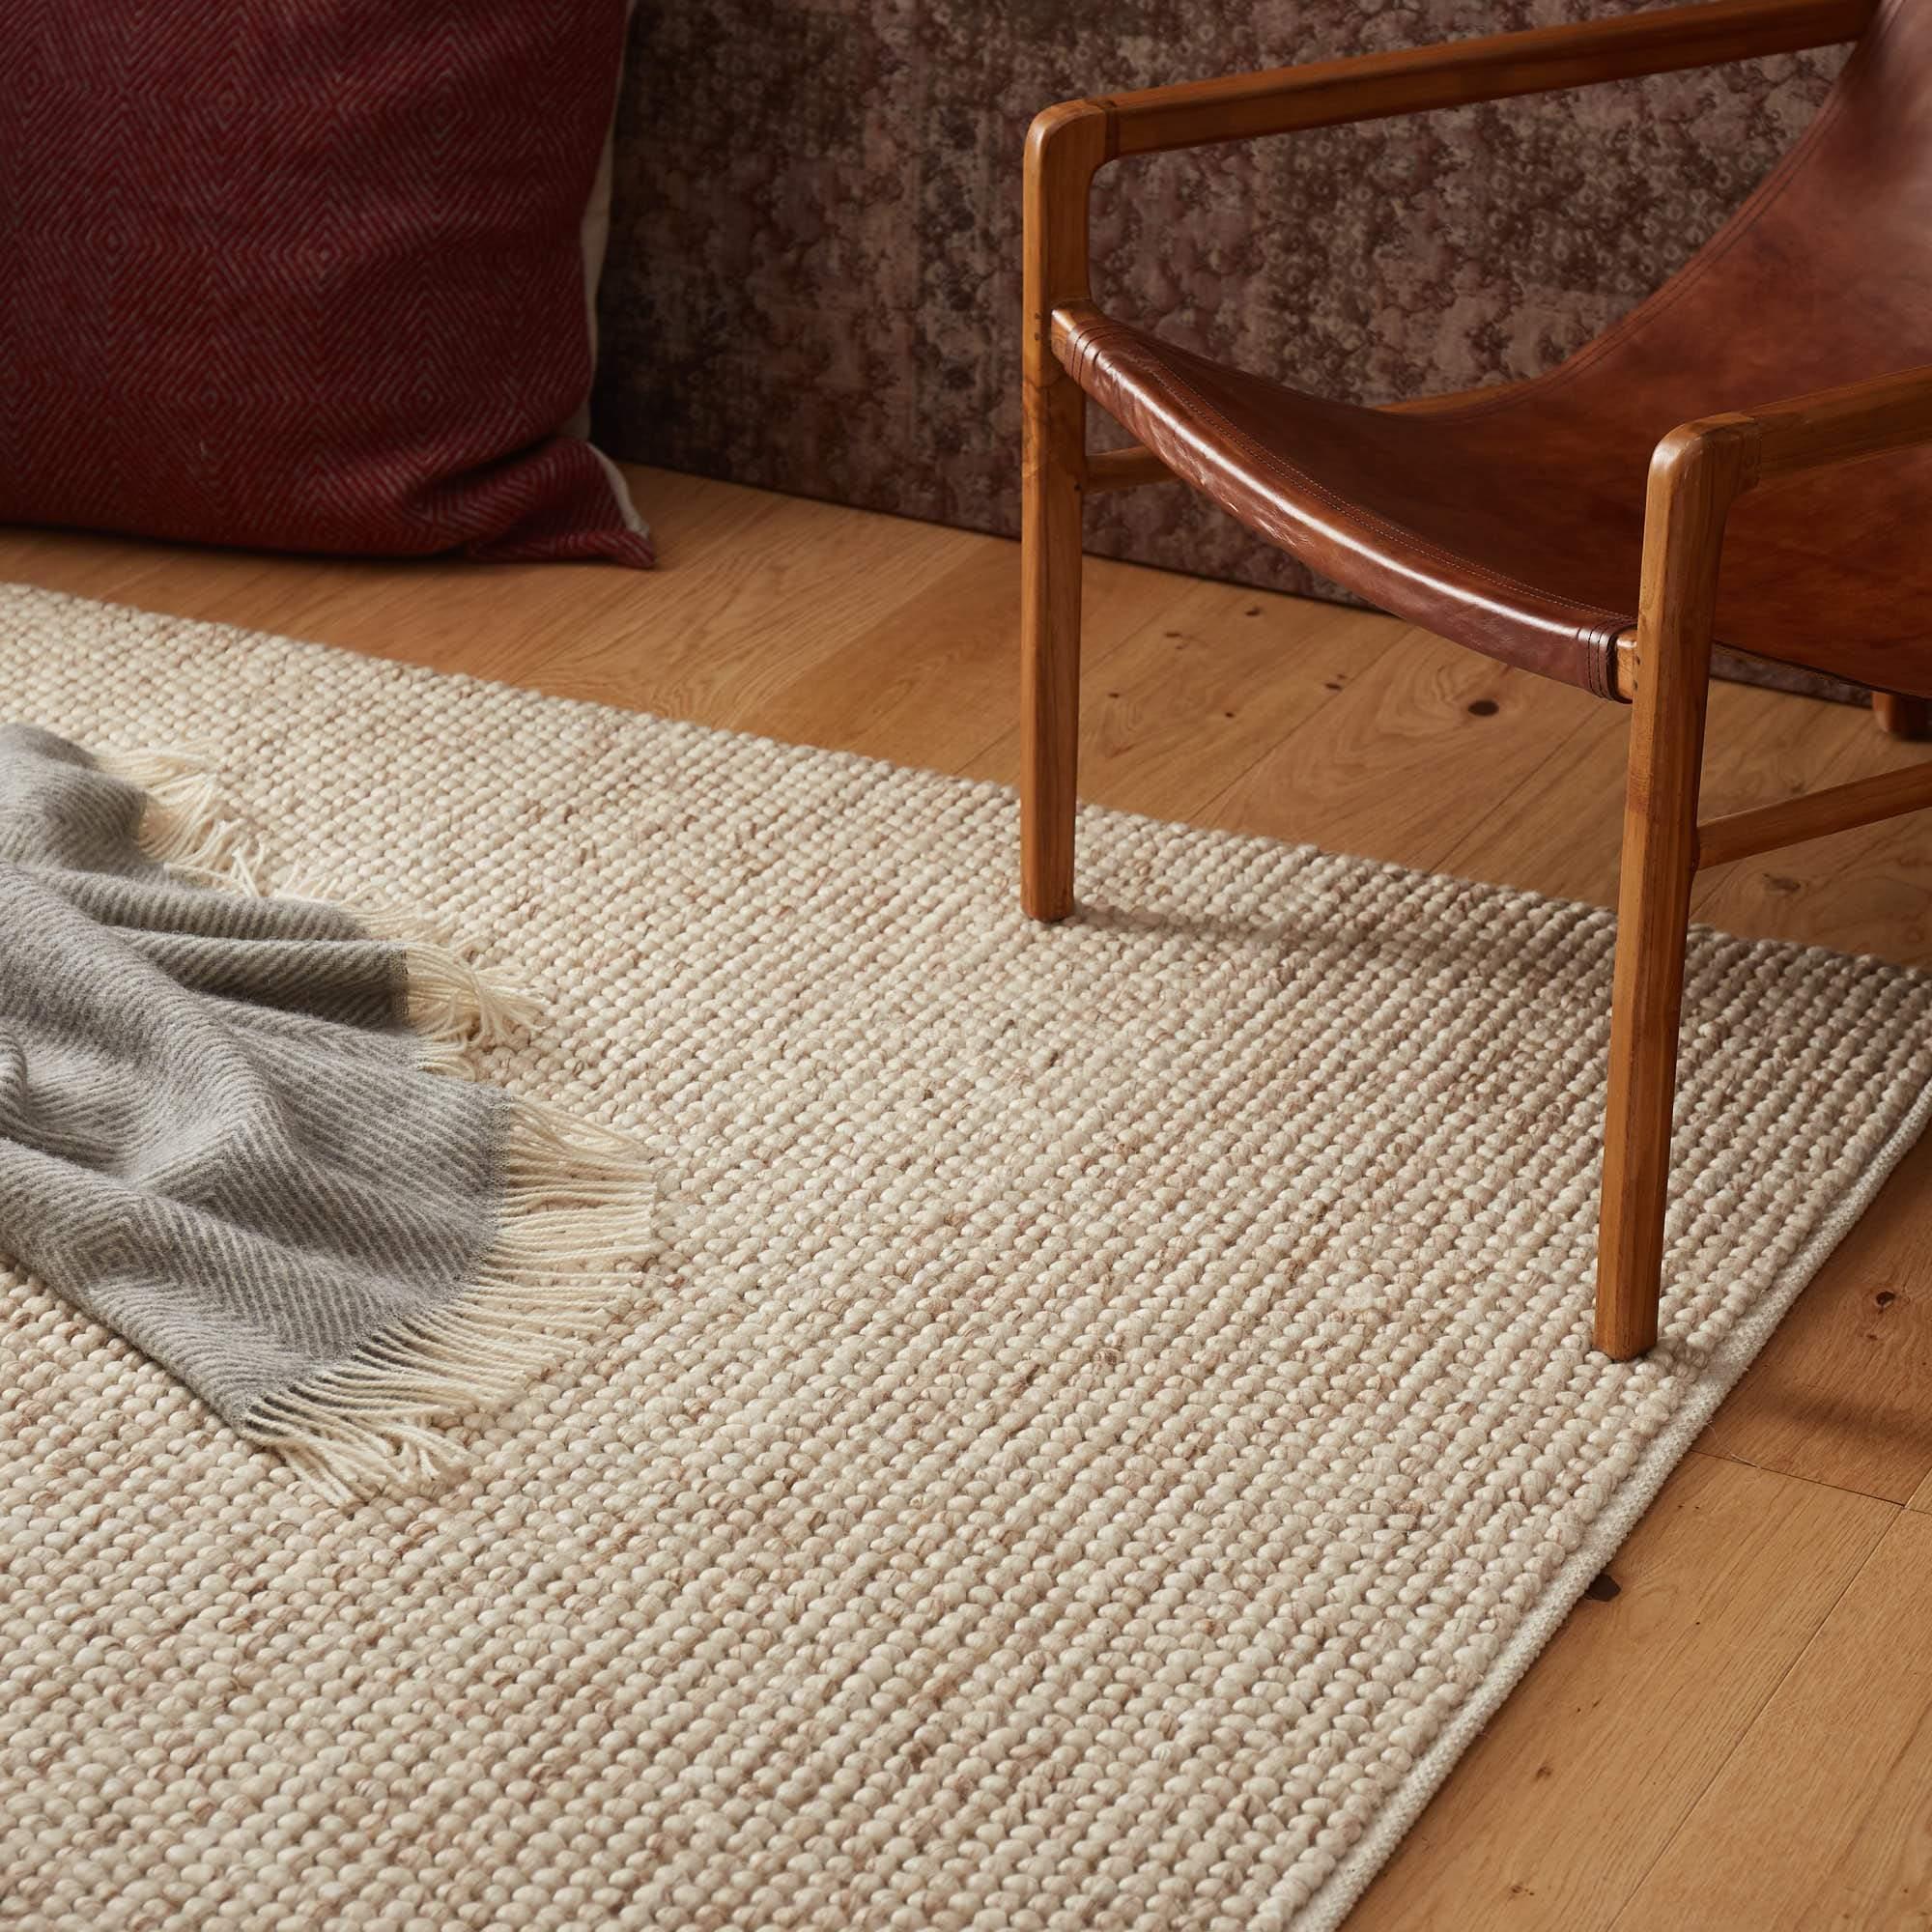 Full Size of Teppich Wohnzimmer Für Küche Badezimmer Schlafzimmer Esstisch Steinteppich Bad Teppiche Wohnzimmer Teppich 300x400